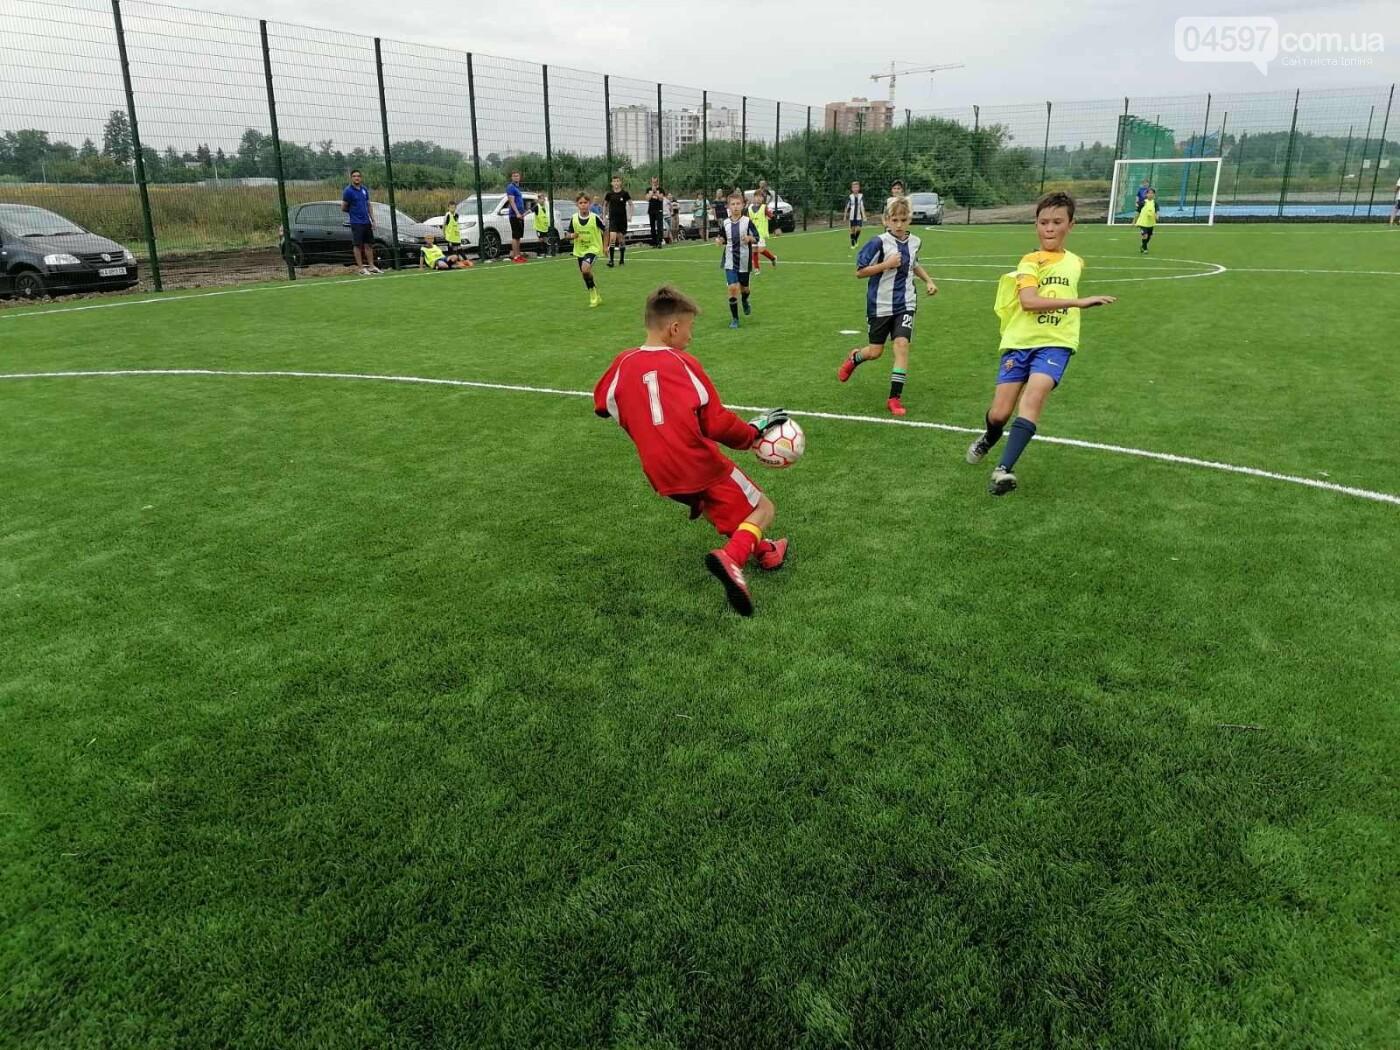 Спочатку діти: на новому полі в Ірпені пройшов чемпіонат з футболу, фото-3